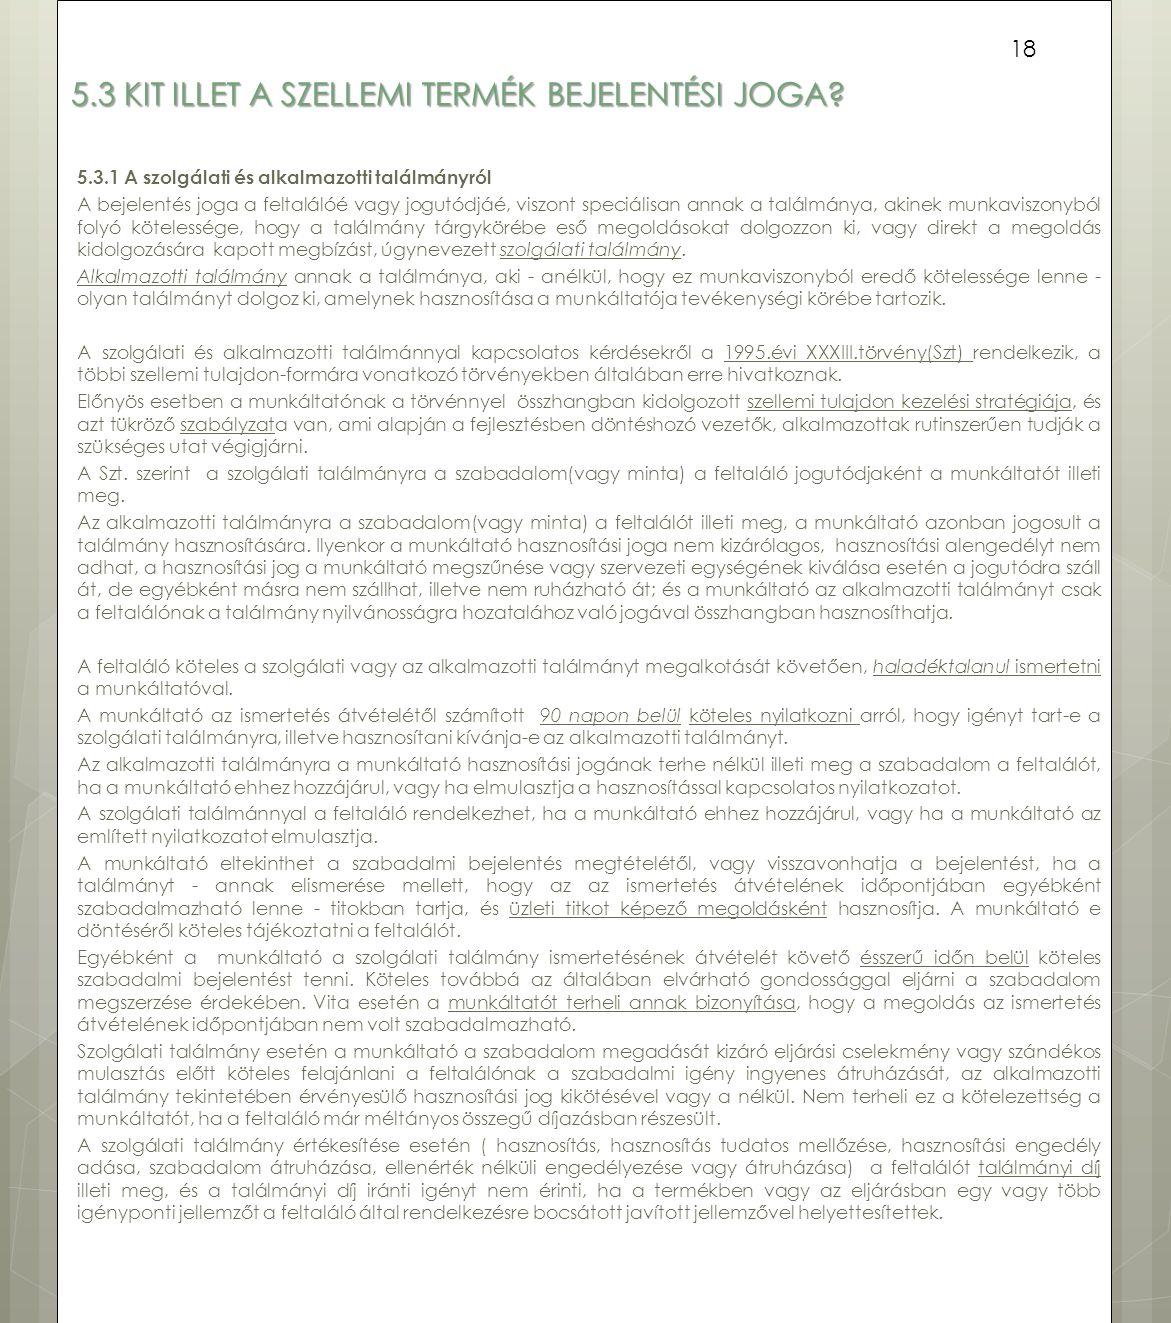 5.3 KIT ILLET A SZELLEMI TERMÉK BEJELENTÉSI JOGA? 5.3.1 A szolgálati és alkalmazotti találmányról A bejelentés joga a feltalálóé vagy jogutódjáé, visz